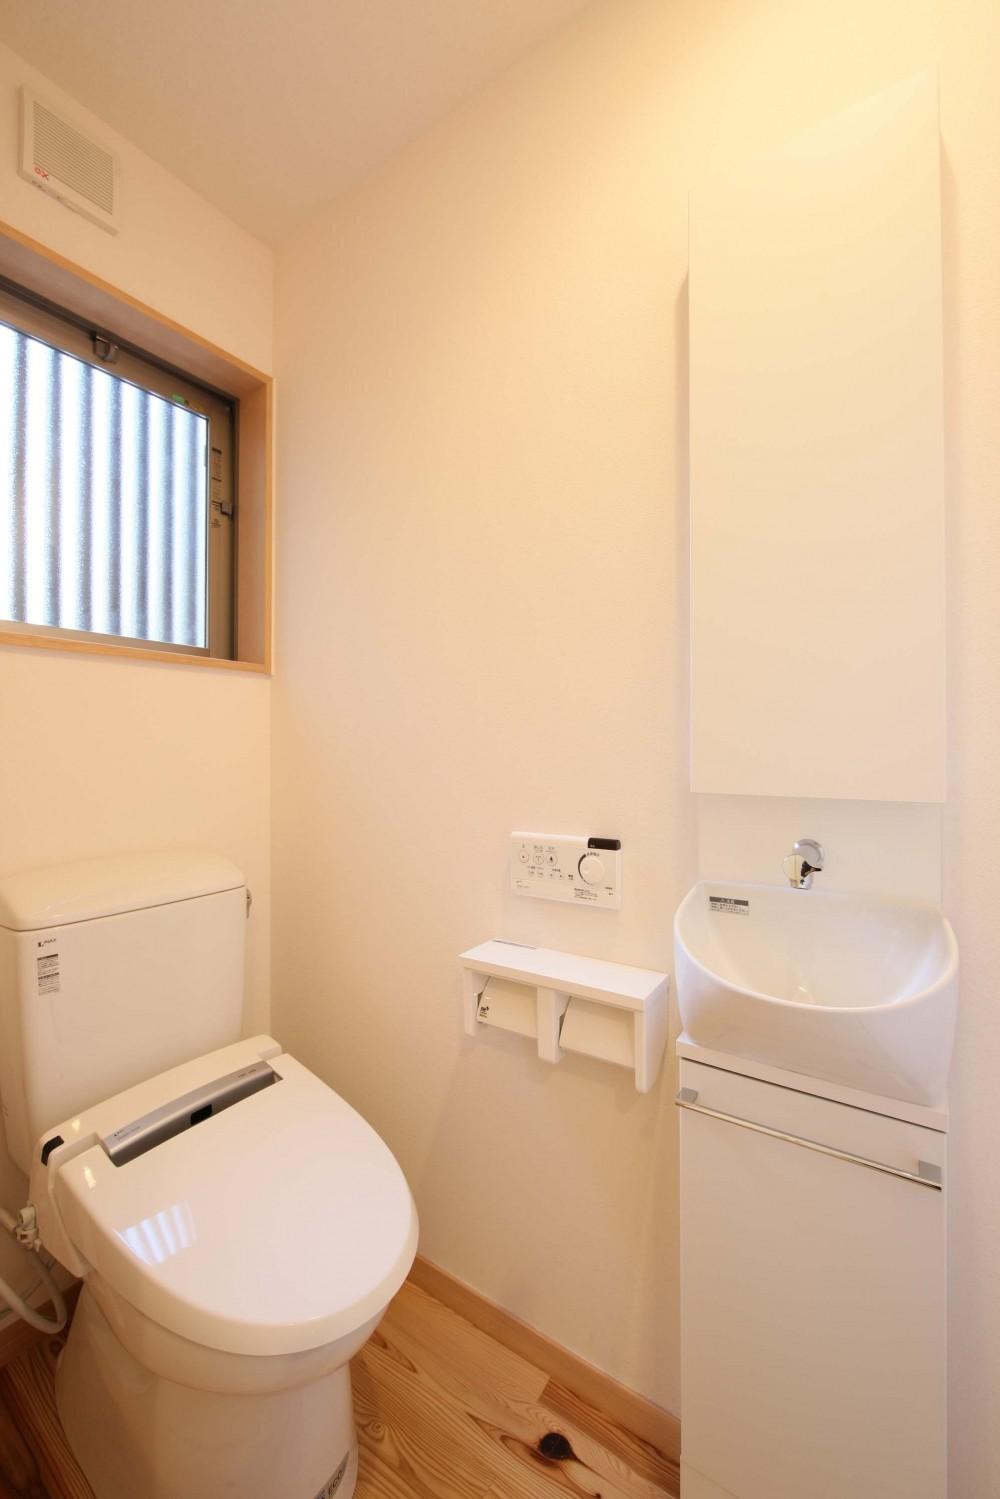 難条件の土地をメリットに変えた家 (トイレ)